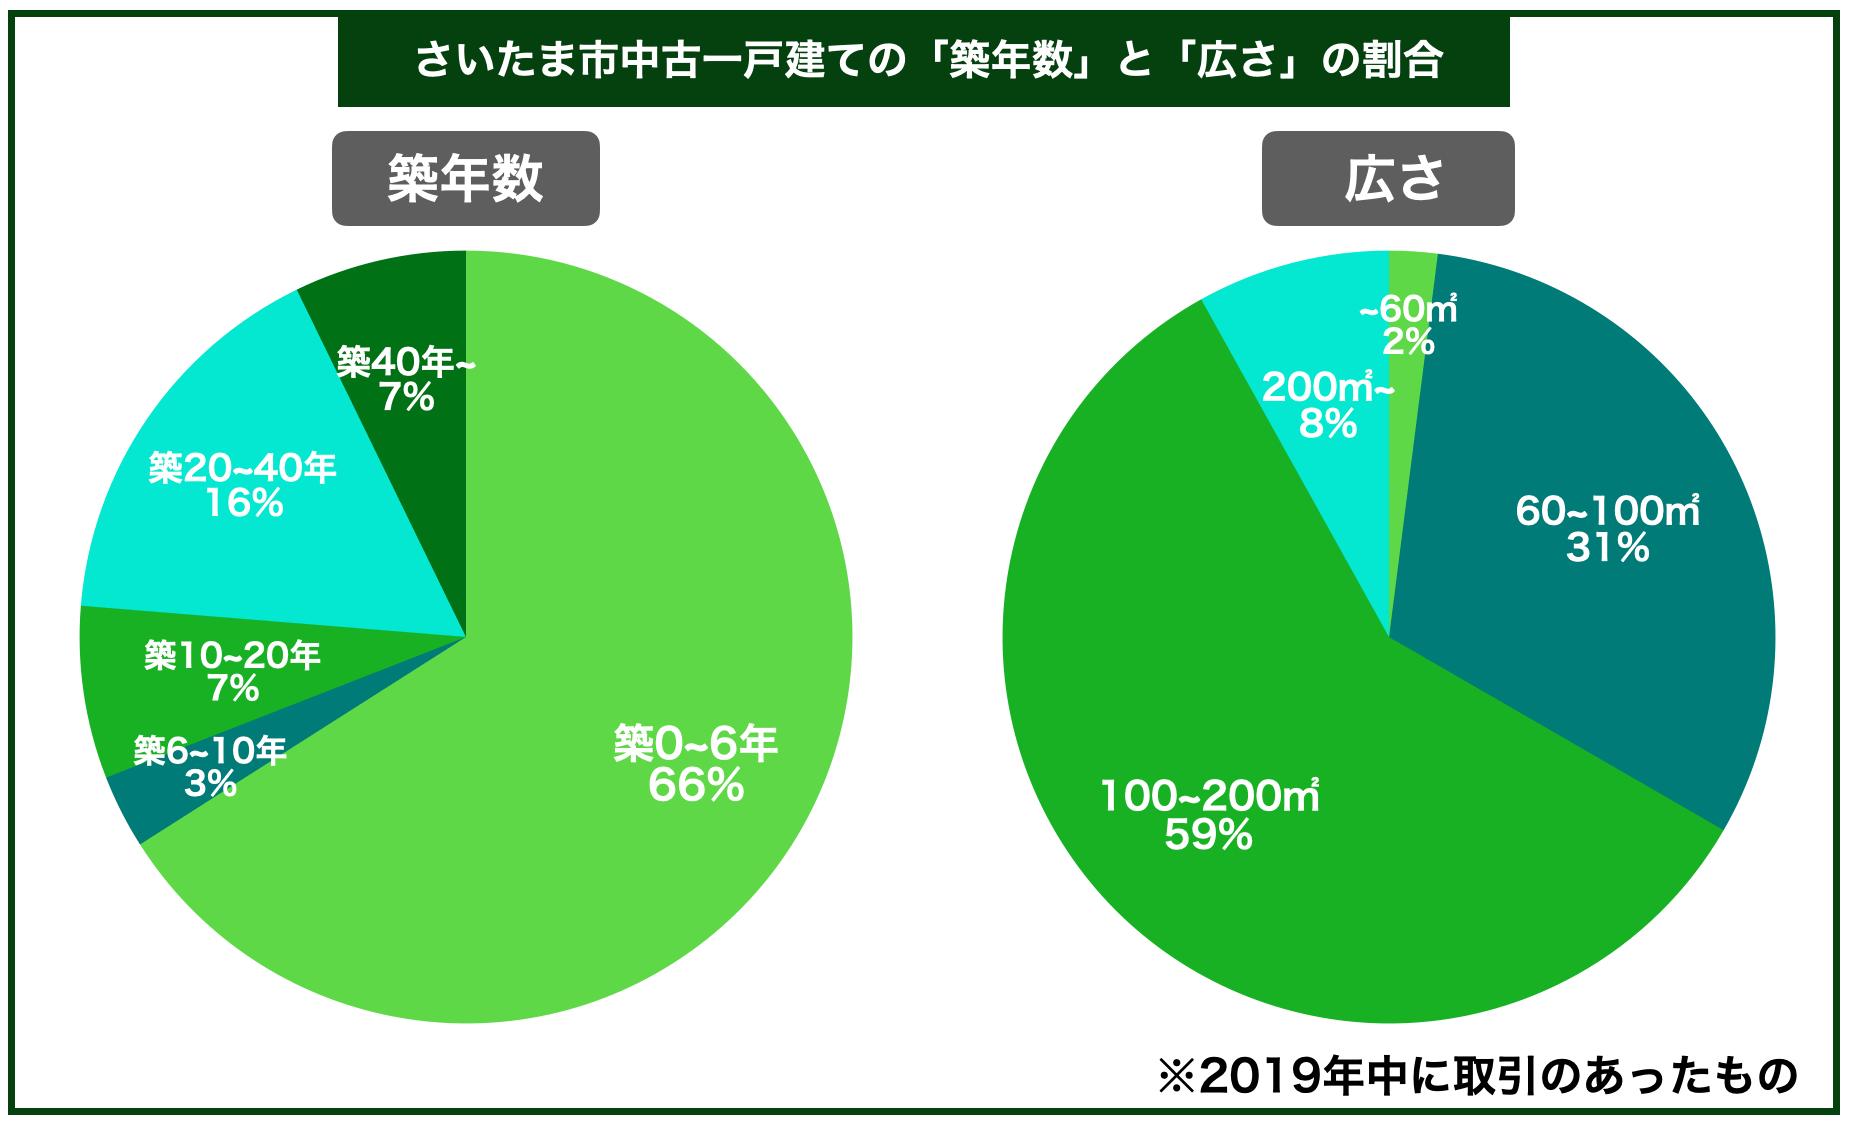 さいたま市中古一戸建ての平均築年数と広さの割合